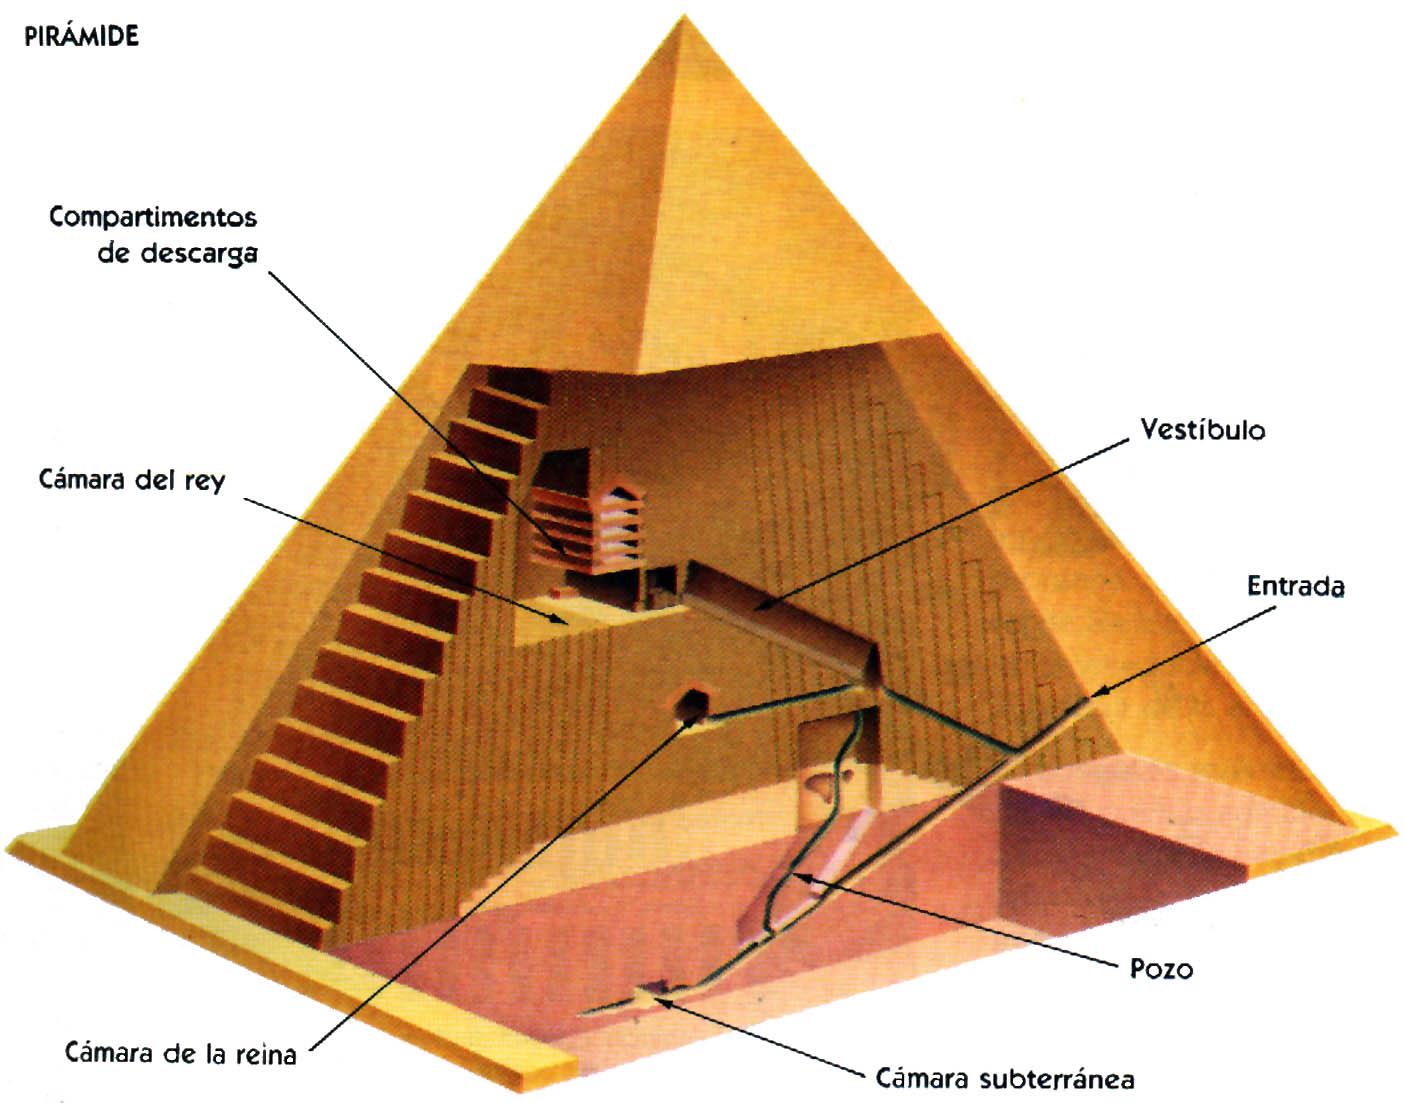 Ciberest tica los 12 edificios 1 la pir mide de keops for Esterno s r o